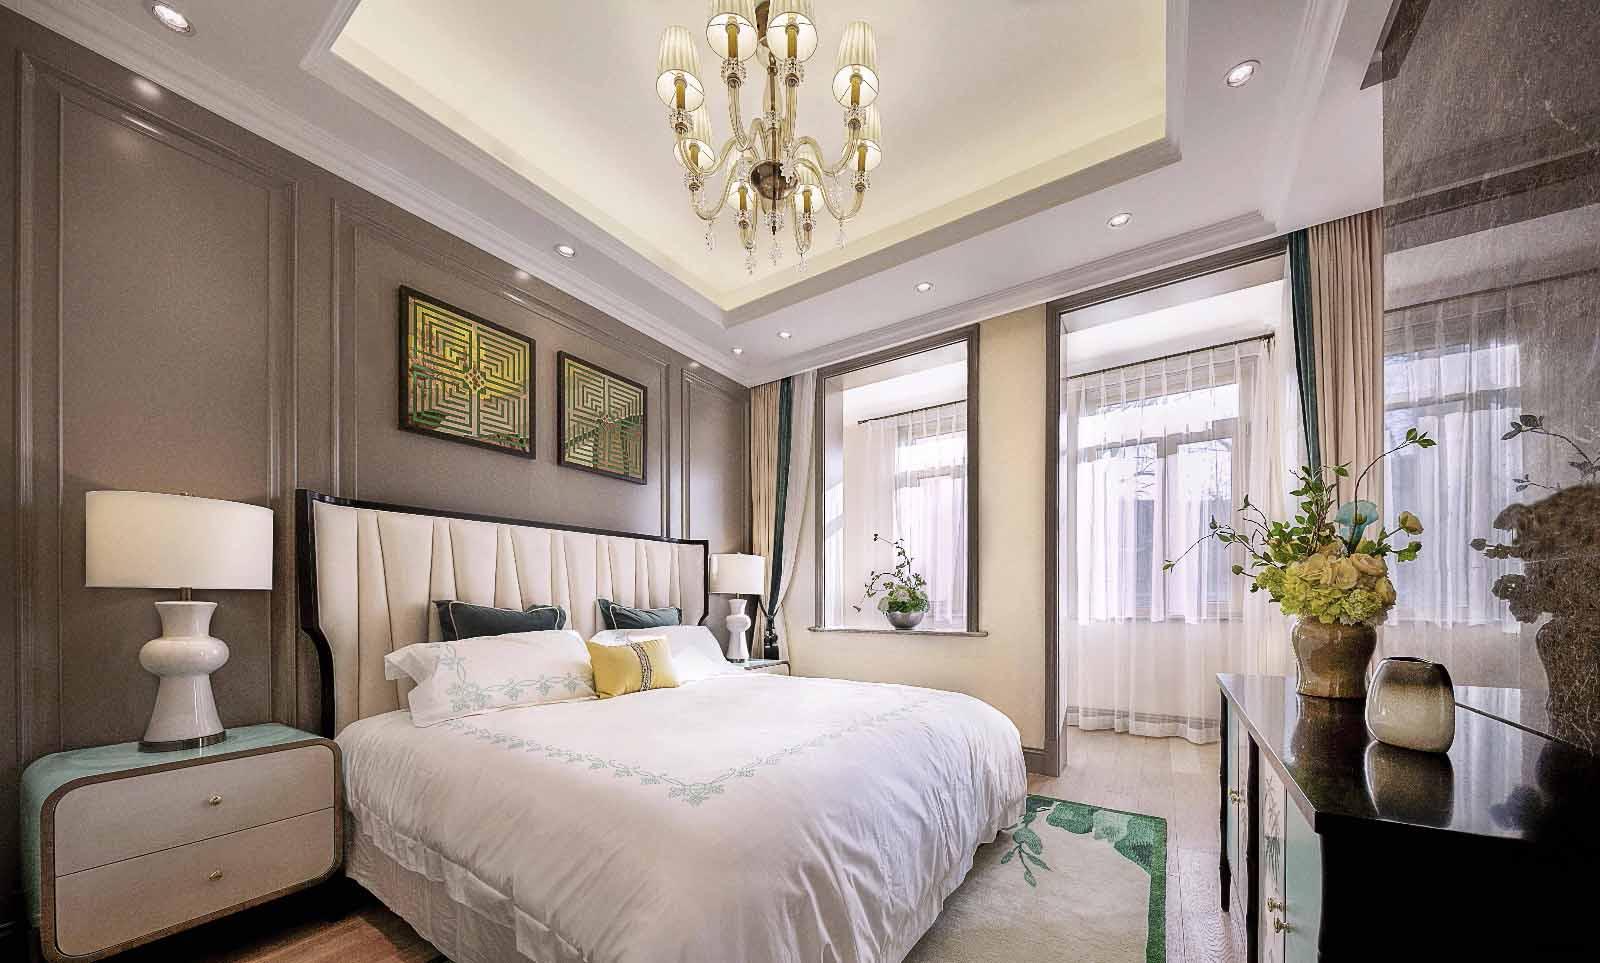 青岛装修设计  联排别墅美式装修风格 青岛装修设计公司